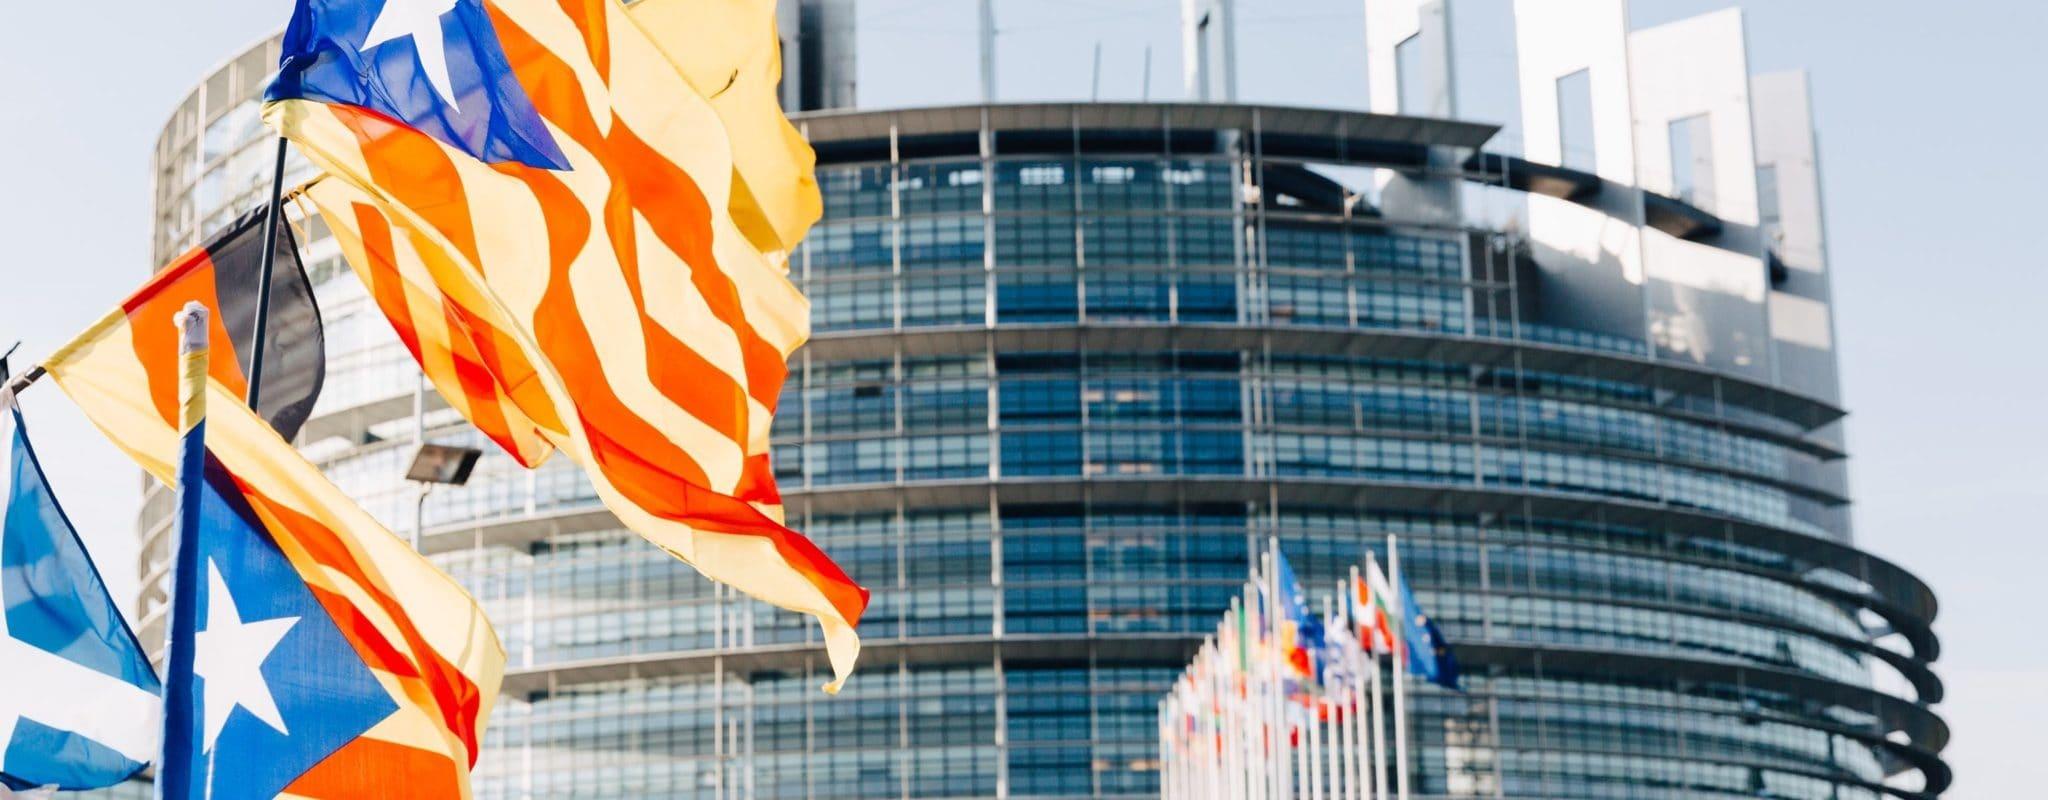 Démonstration d'indépendantistes catalans devant le Parlement européen